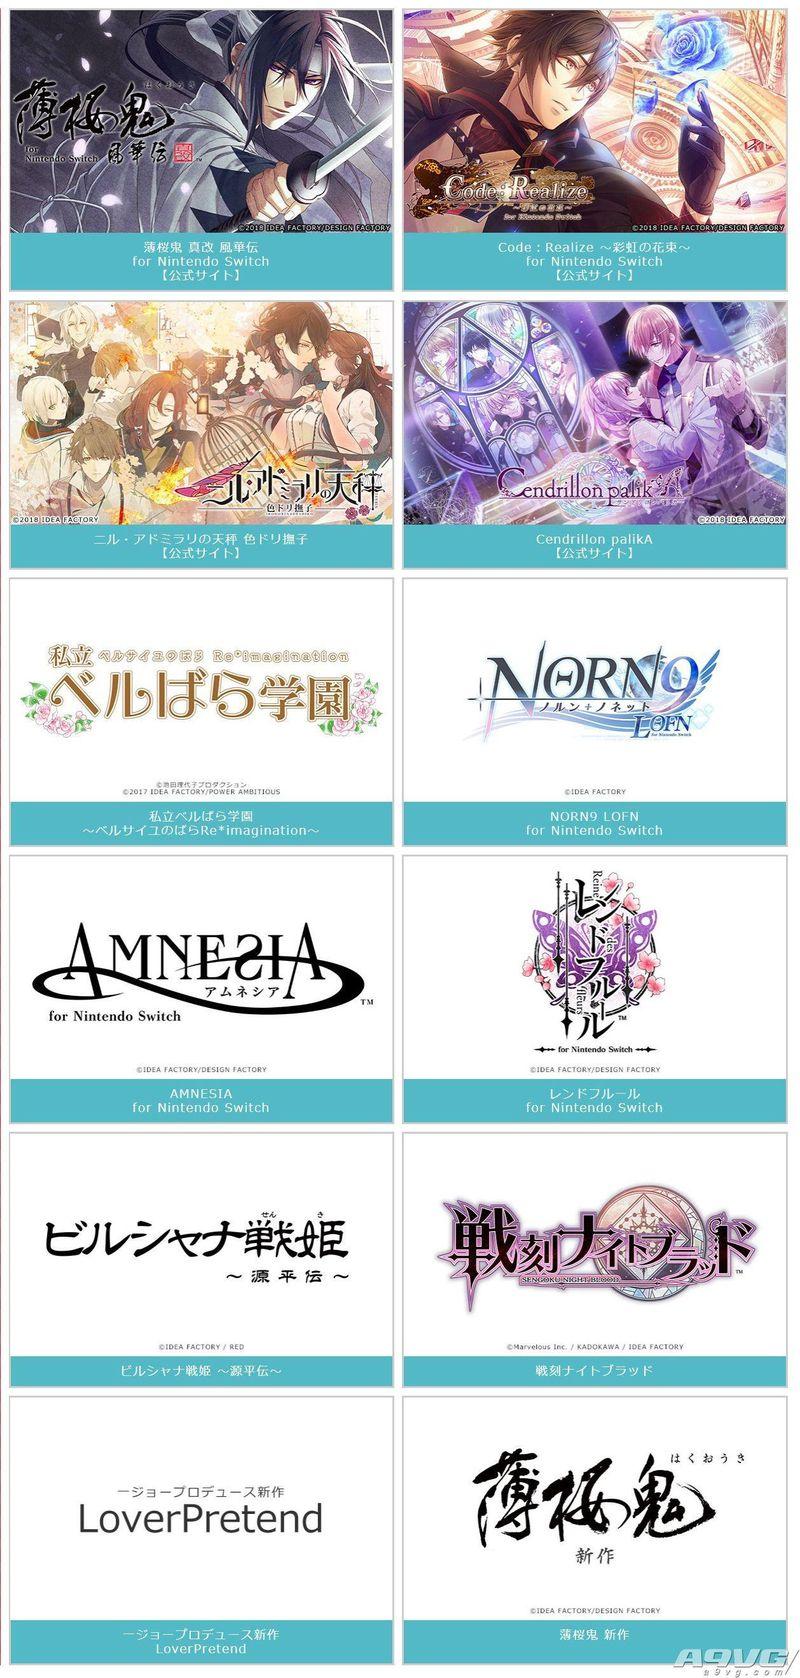 乙女游戲品牌Otomate正式加盟Switch 新作介紹宣傳片公開